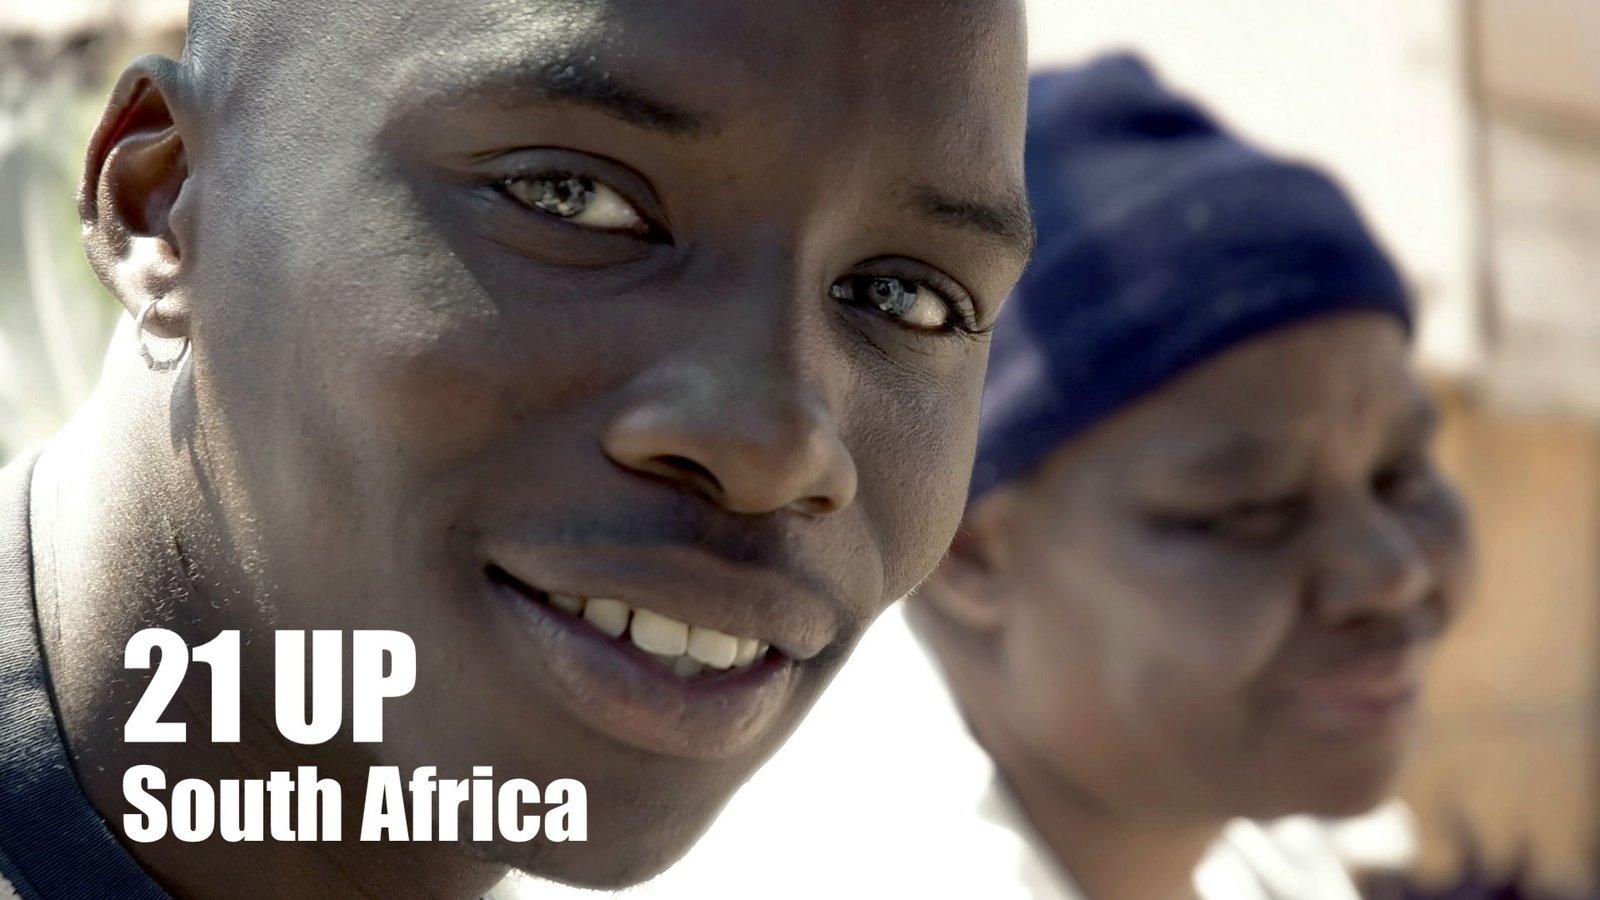 21 UP South Africa - Mandela's Children